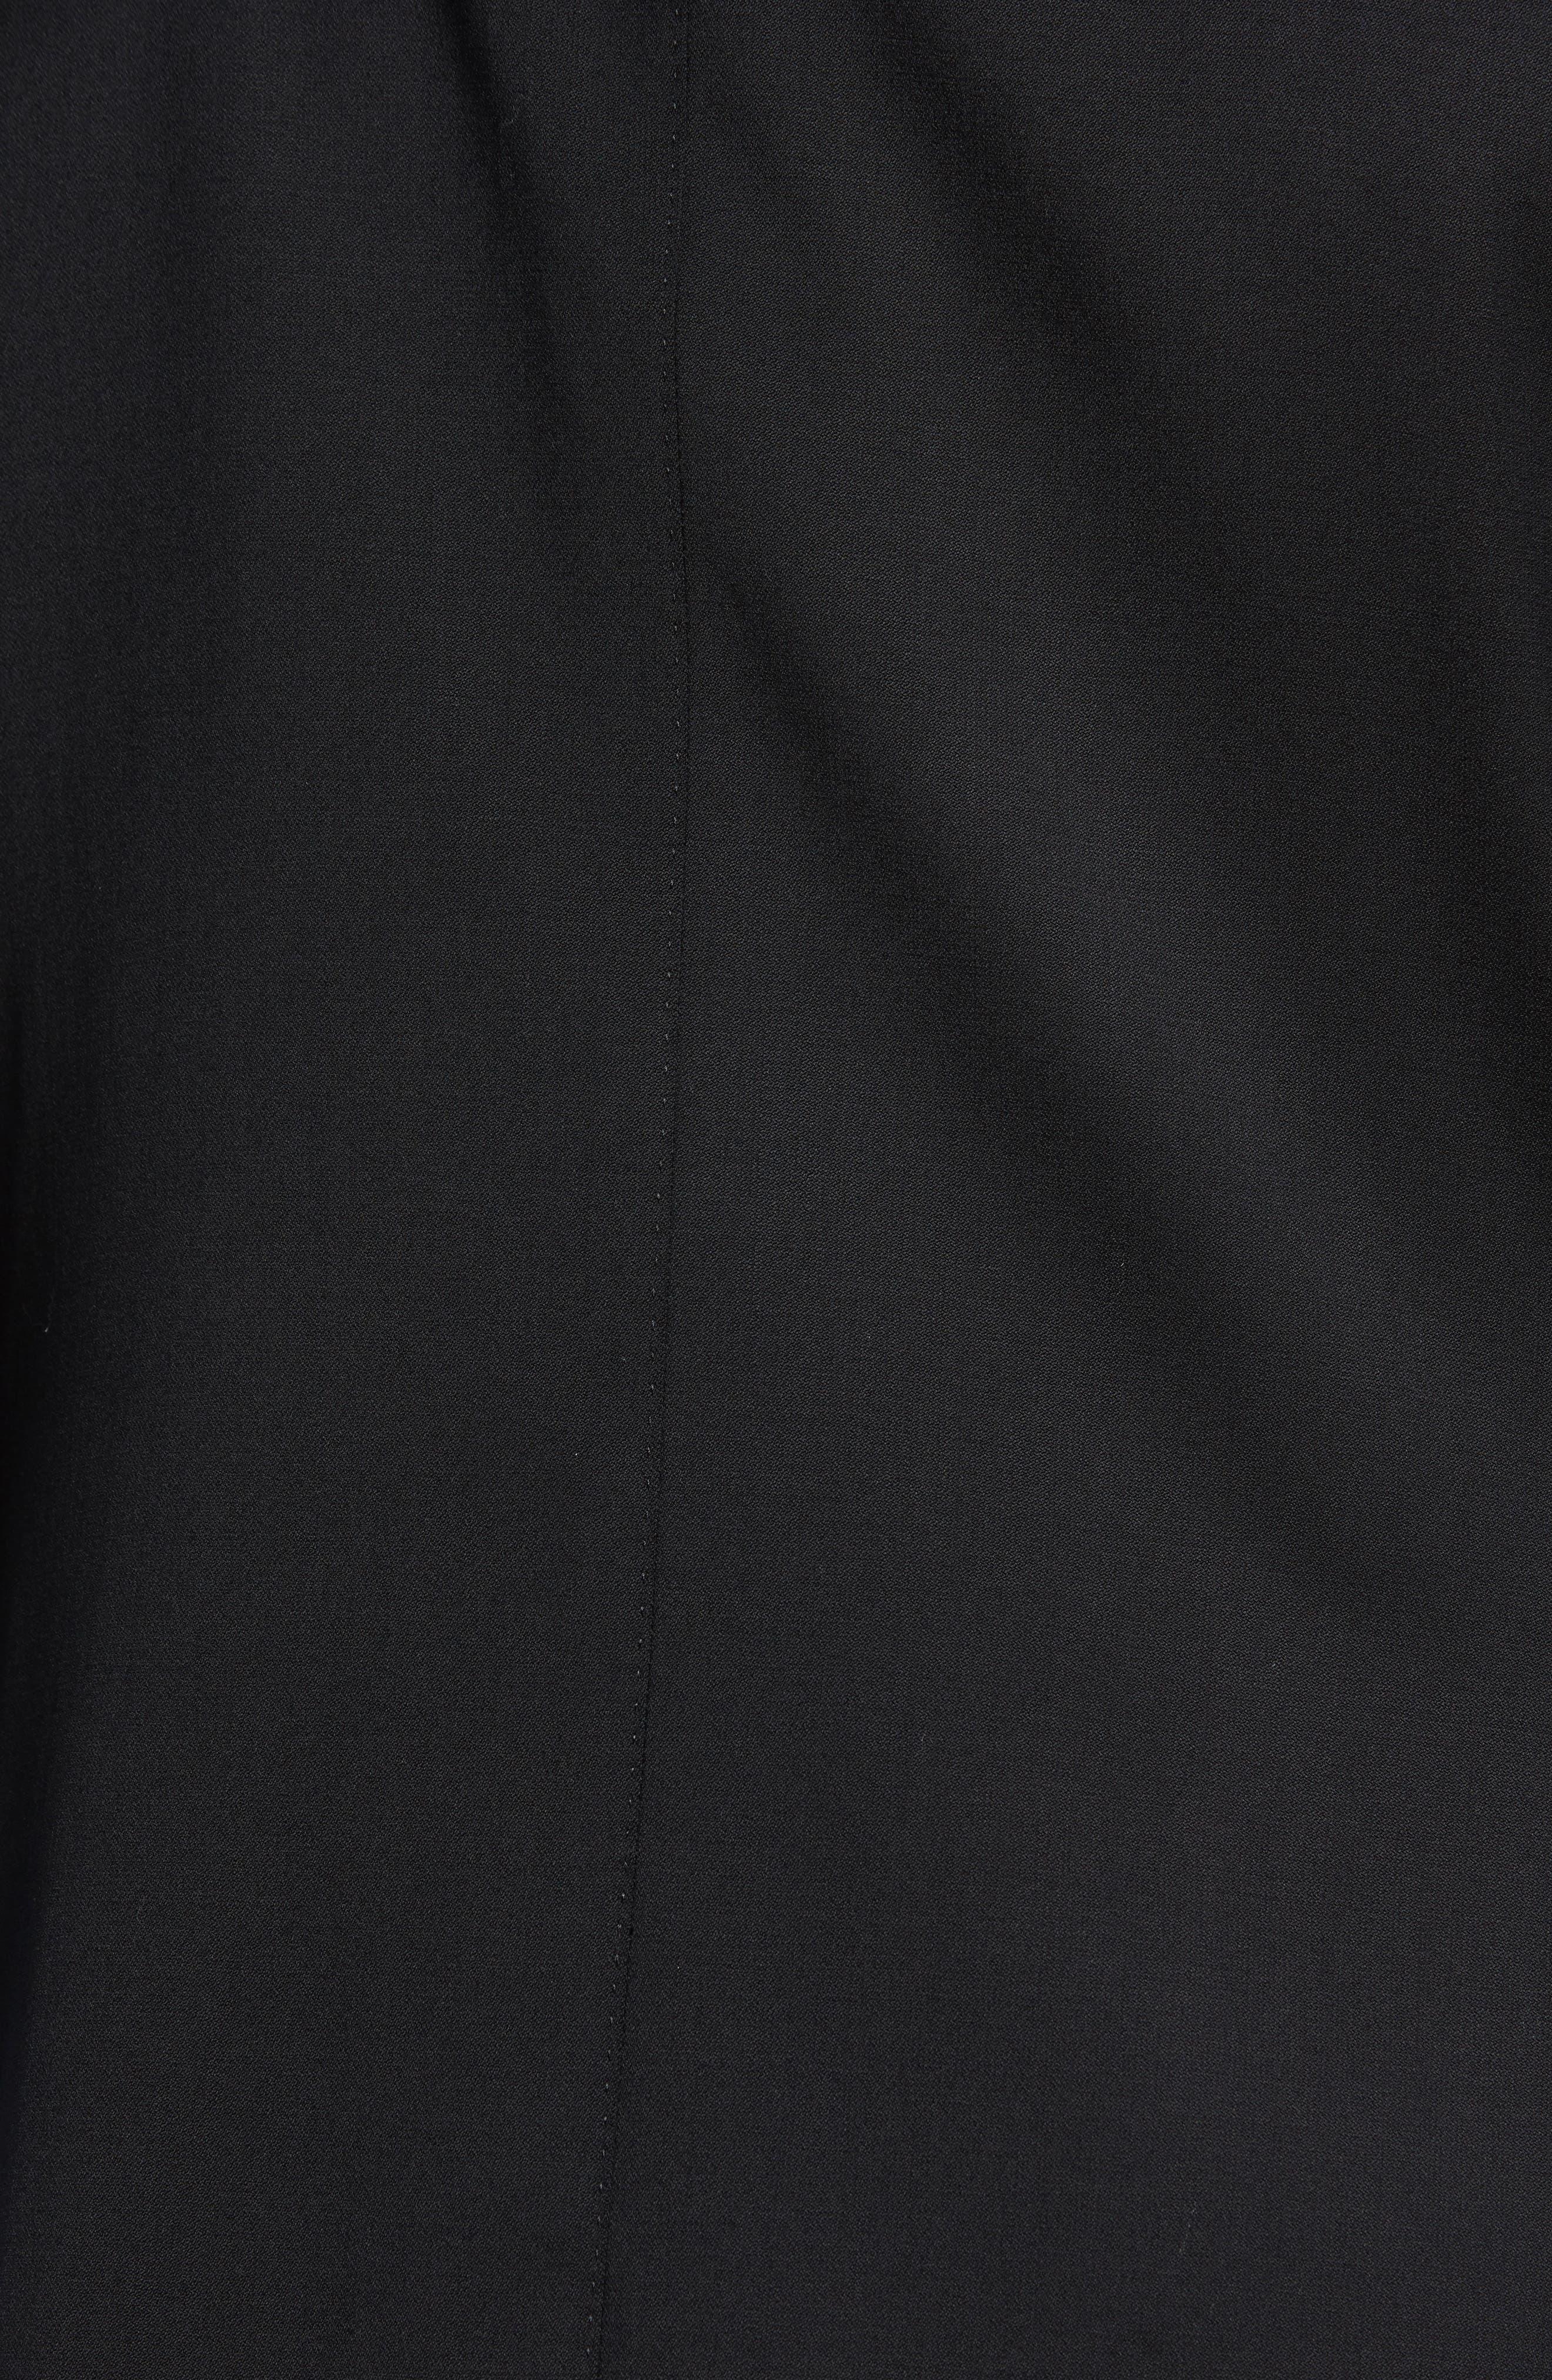 Keidis Aim Classic Fit Stretch Wool Suit,                             Alternate thumbnail 7, color,                             Black